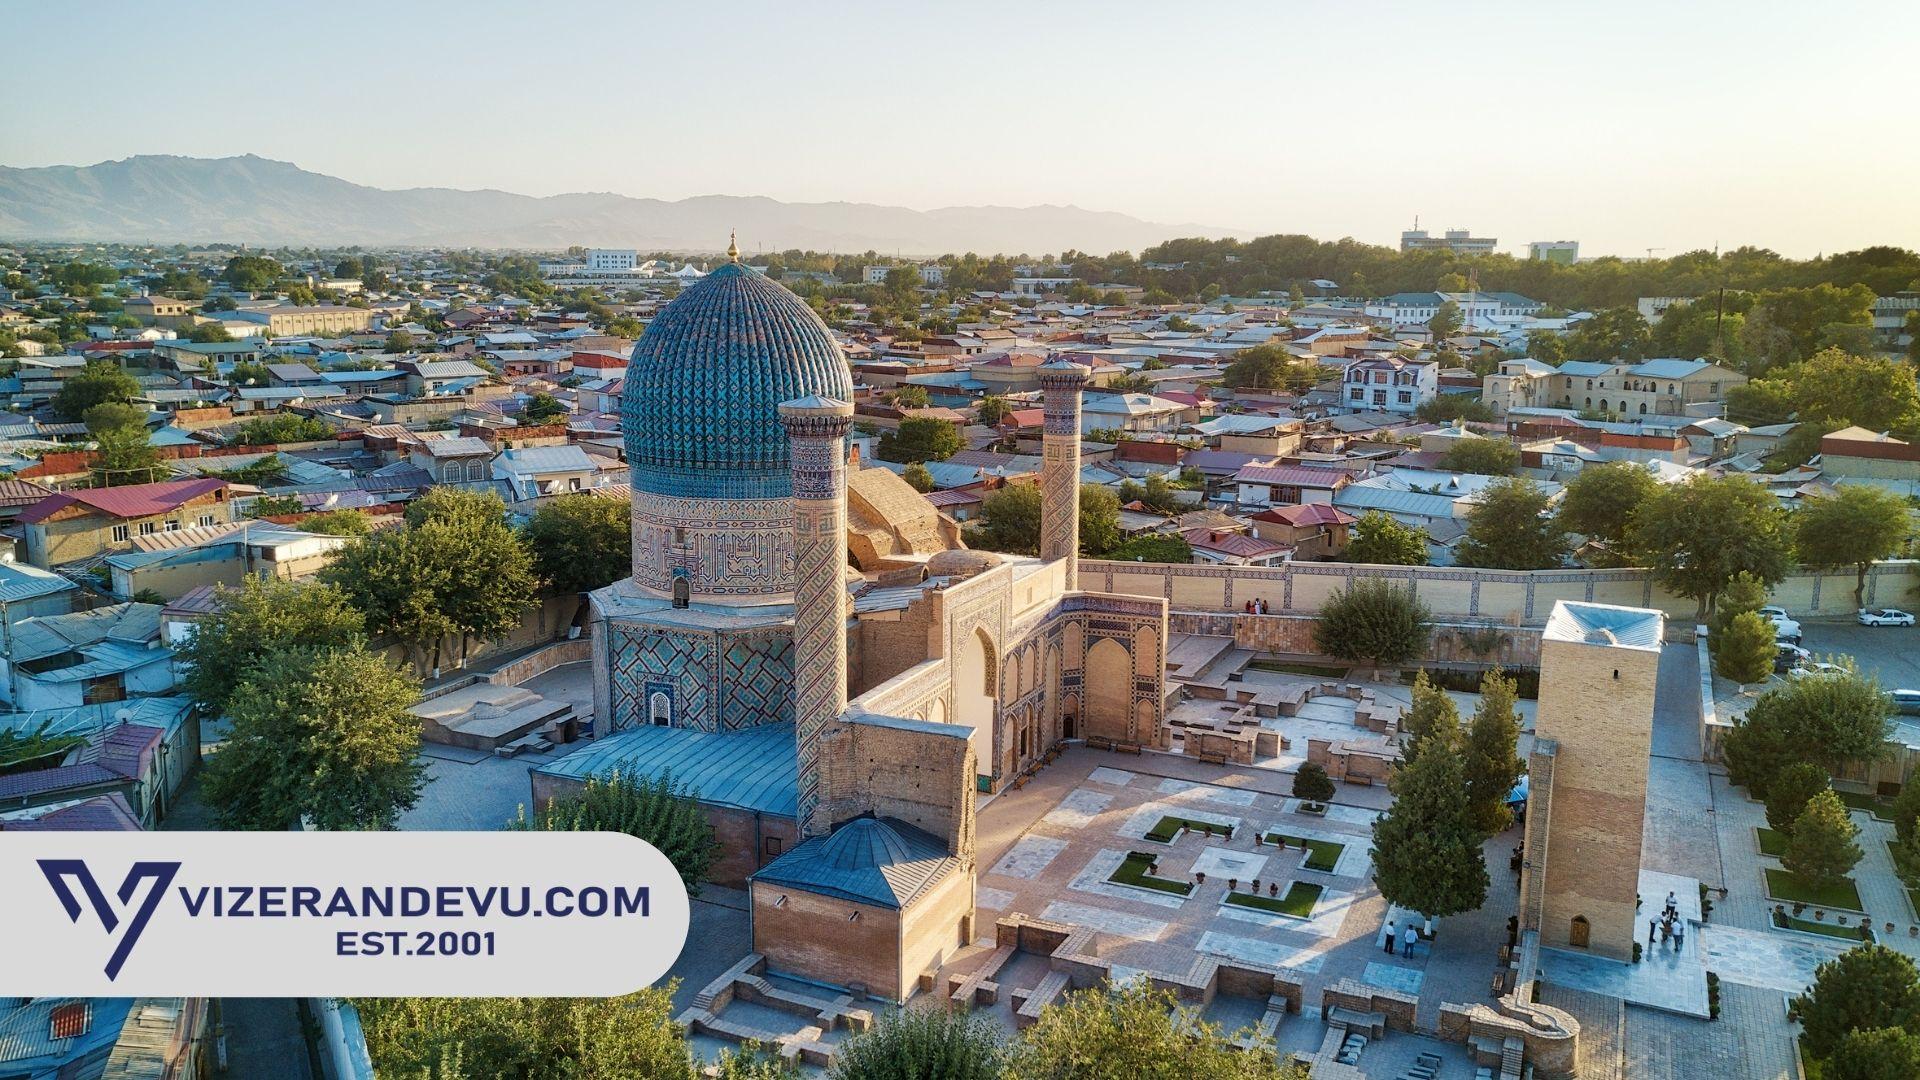 Özbekistan Vizesi: Randevu ve Başvuru (2021)